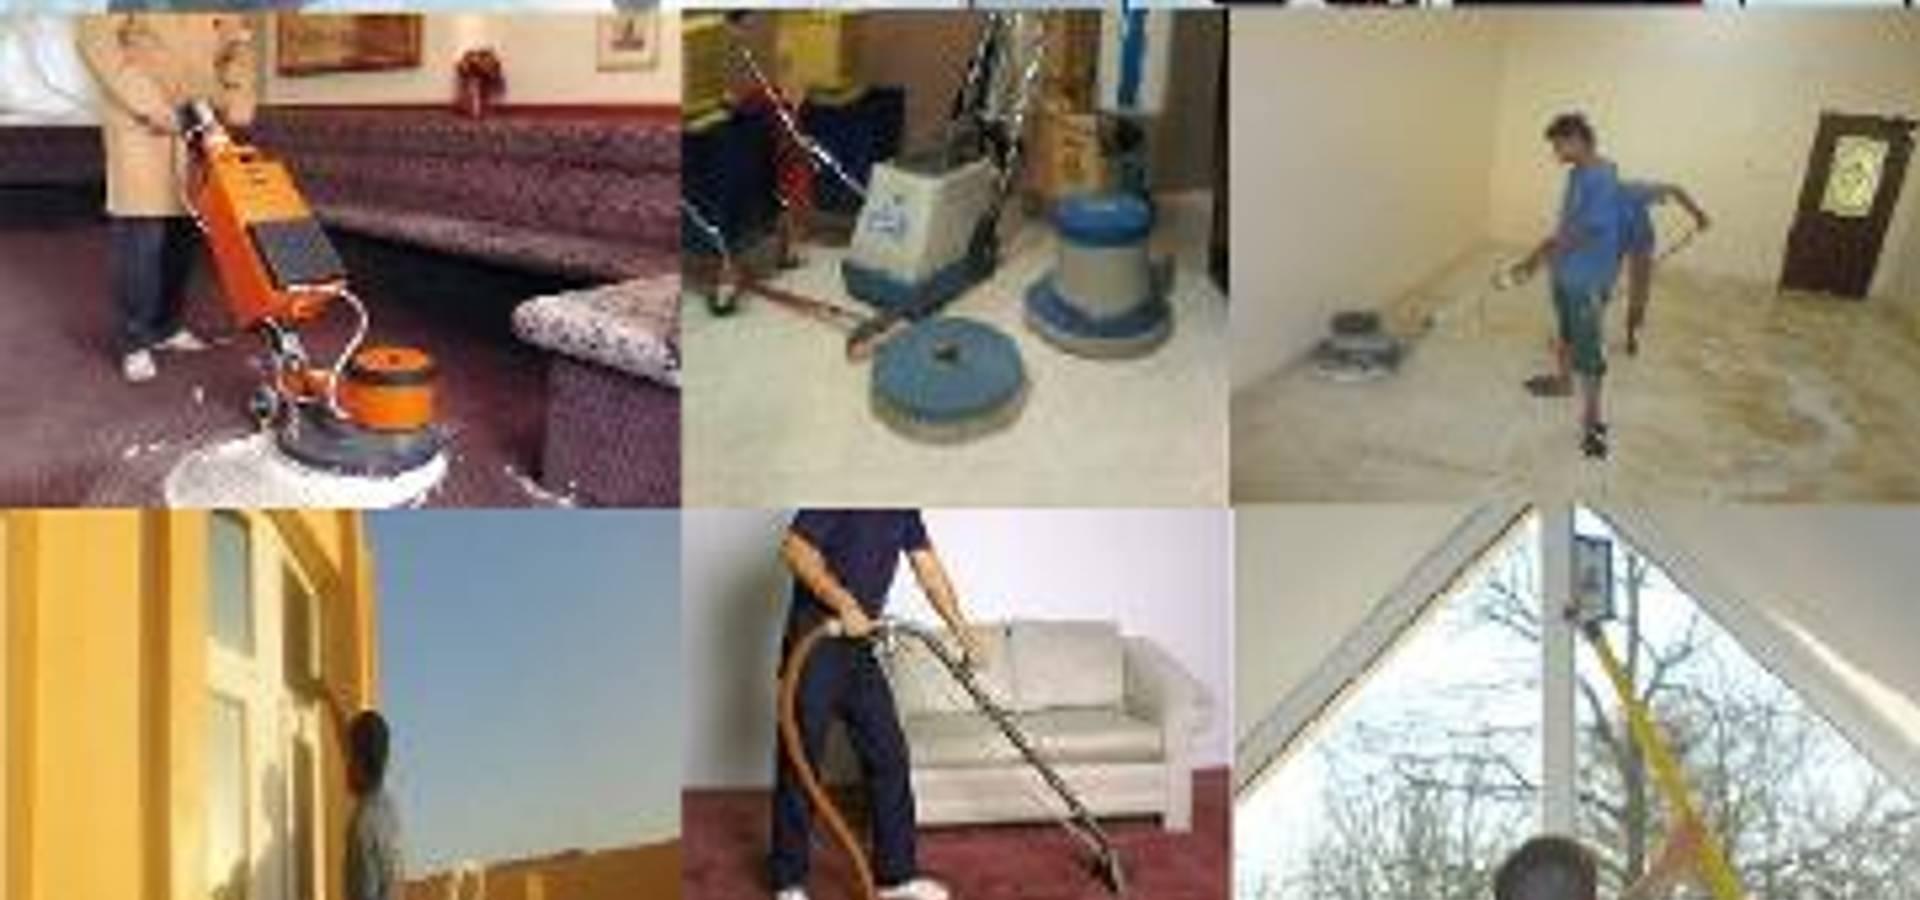 شركة الصفرات للتنظيف بالرياض0507719298 دار التقنية